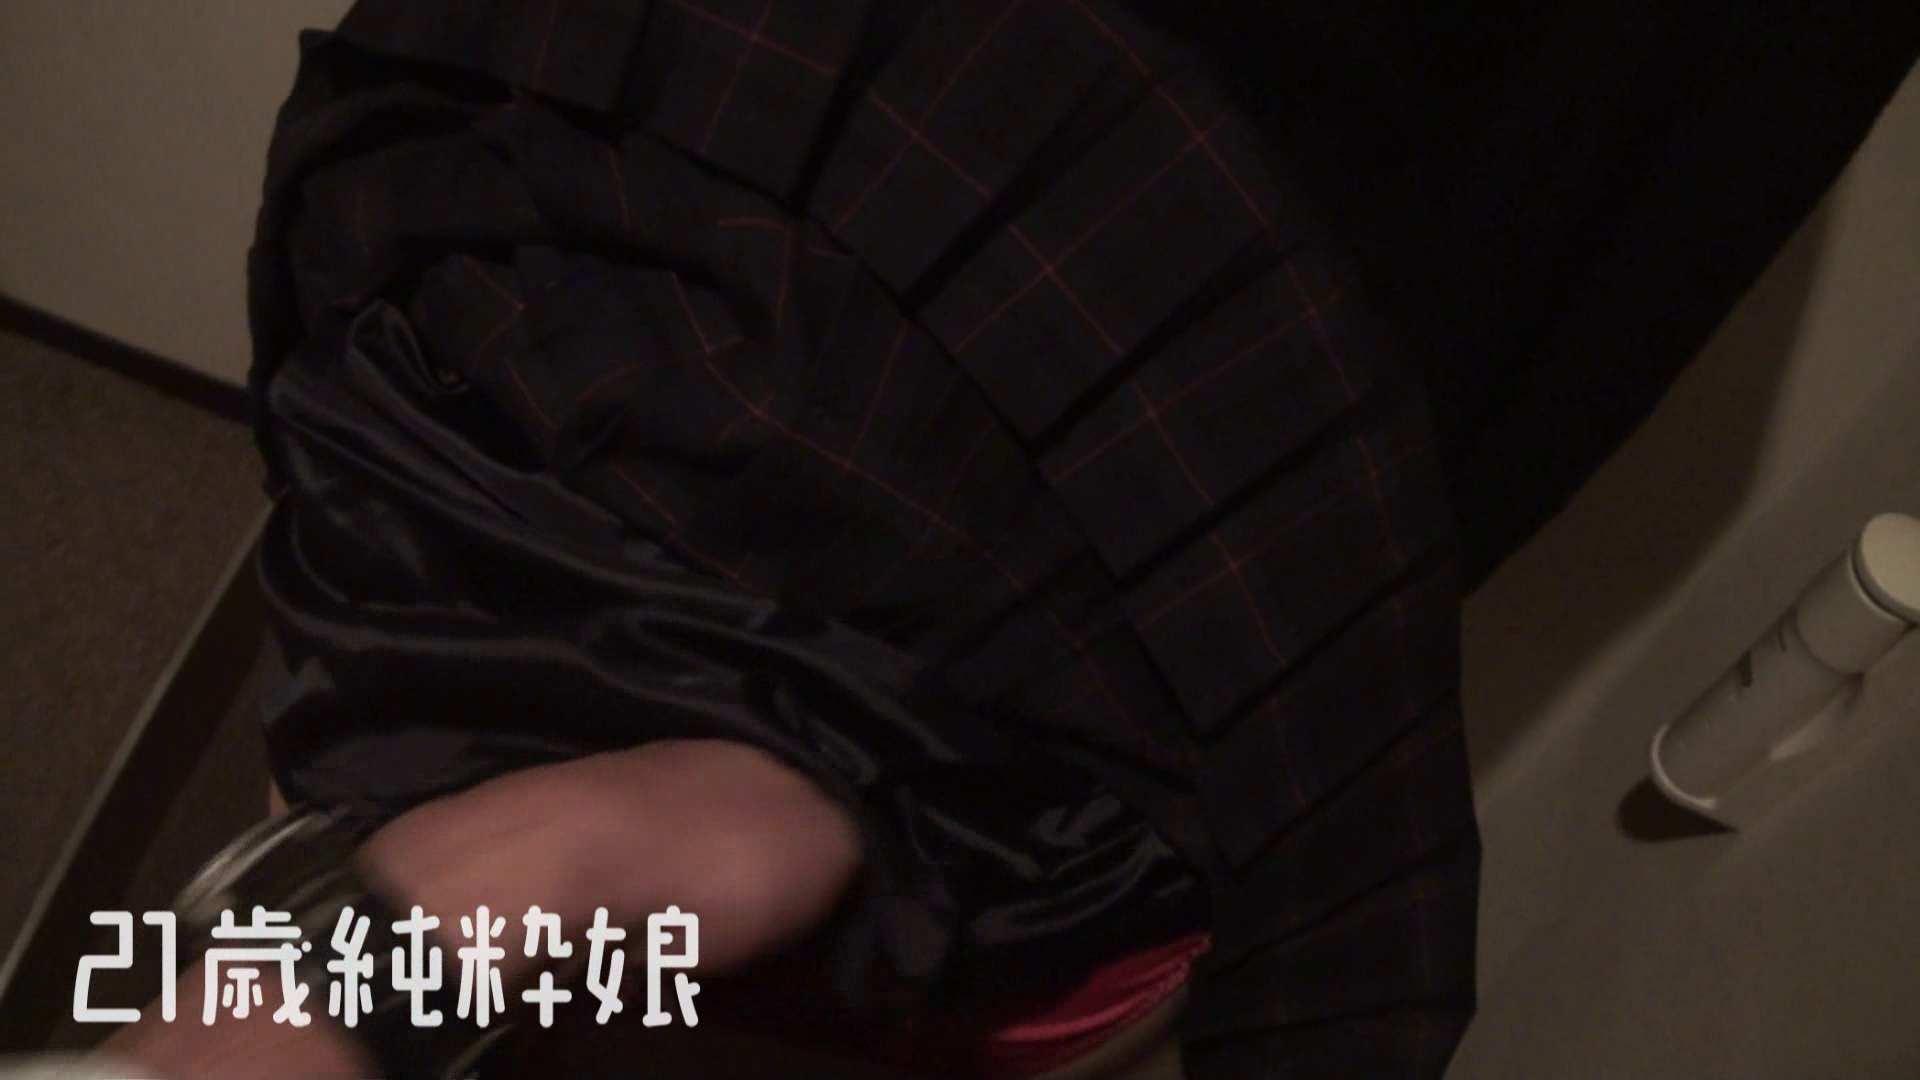 上京したばかりのGカップ21歳純粋嬢を都合の良い女にしてみた 出会い系 AV動画キャプチャ 86pic 26